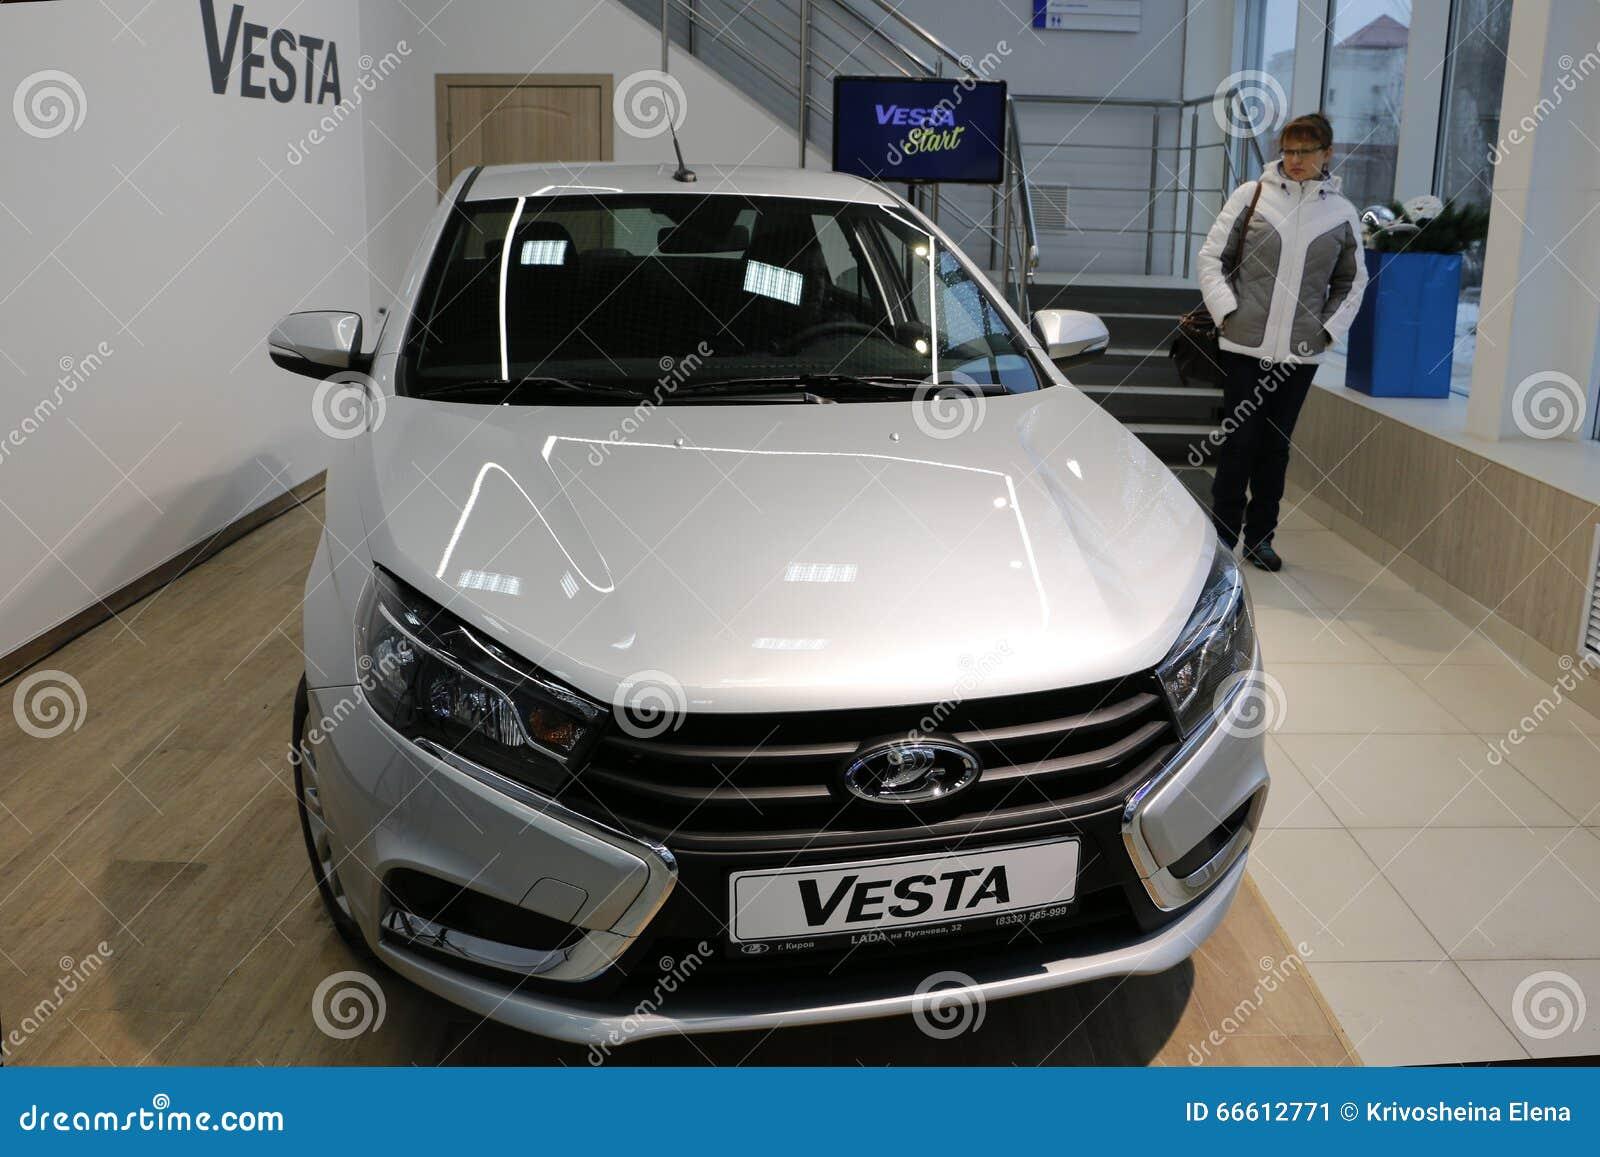 Lada Car 2015